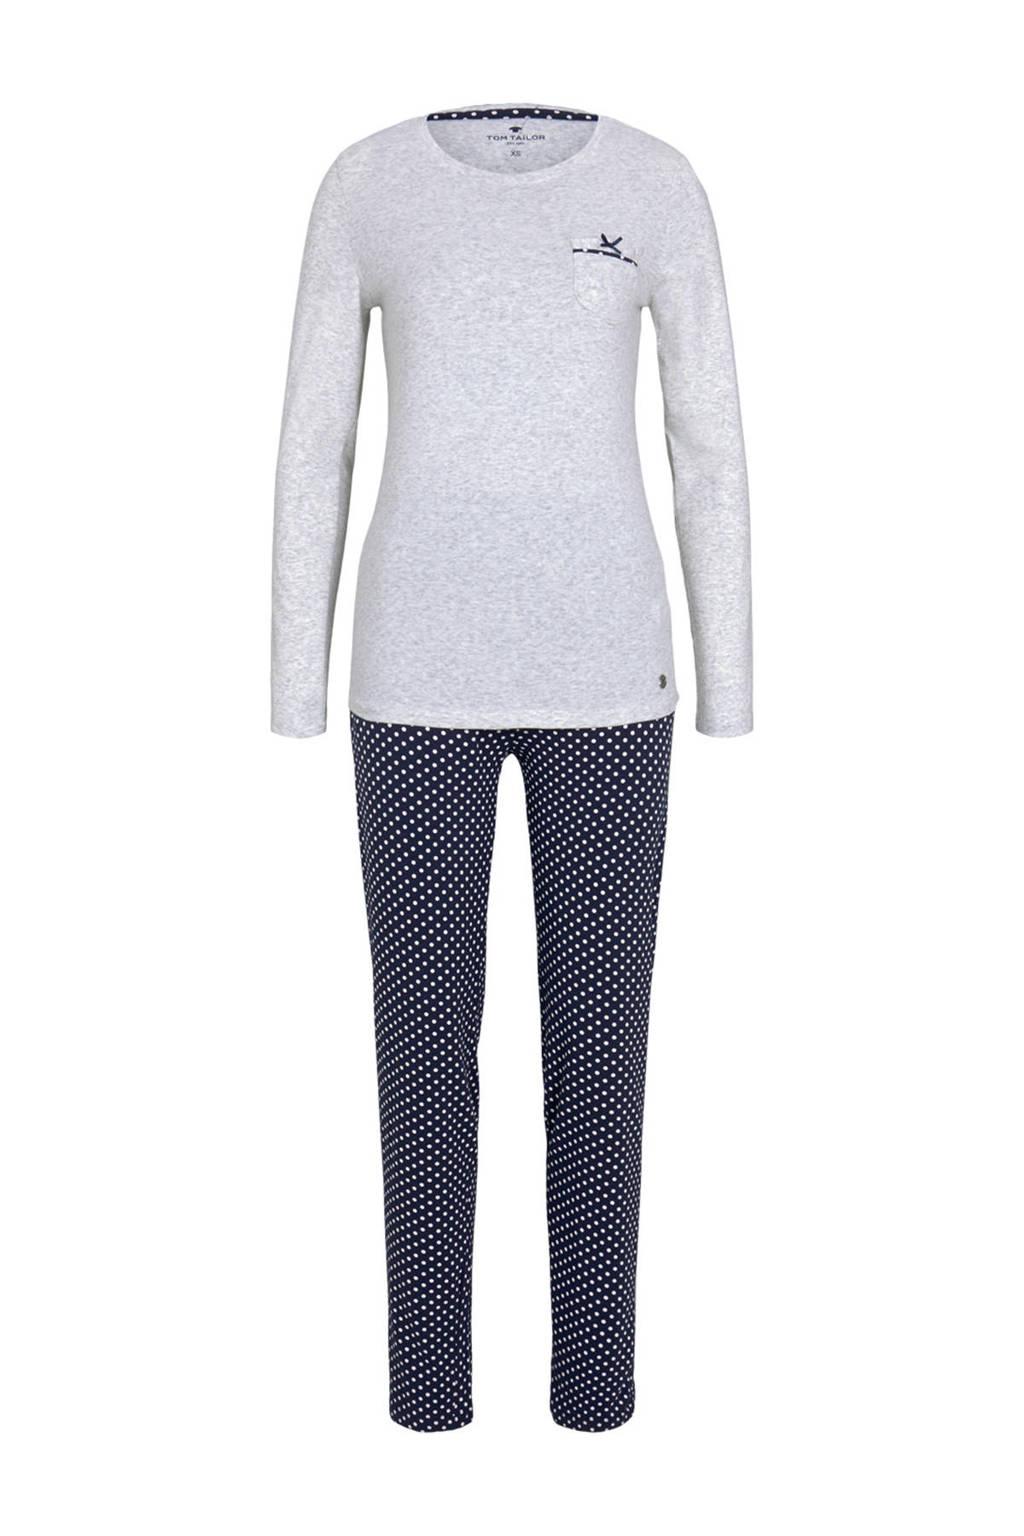 Tom Tailor pyjama met stippen grijs/donkerblauw, Grijs/donkerblauw